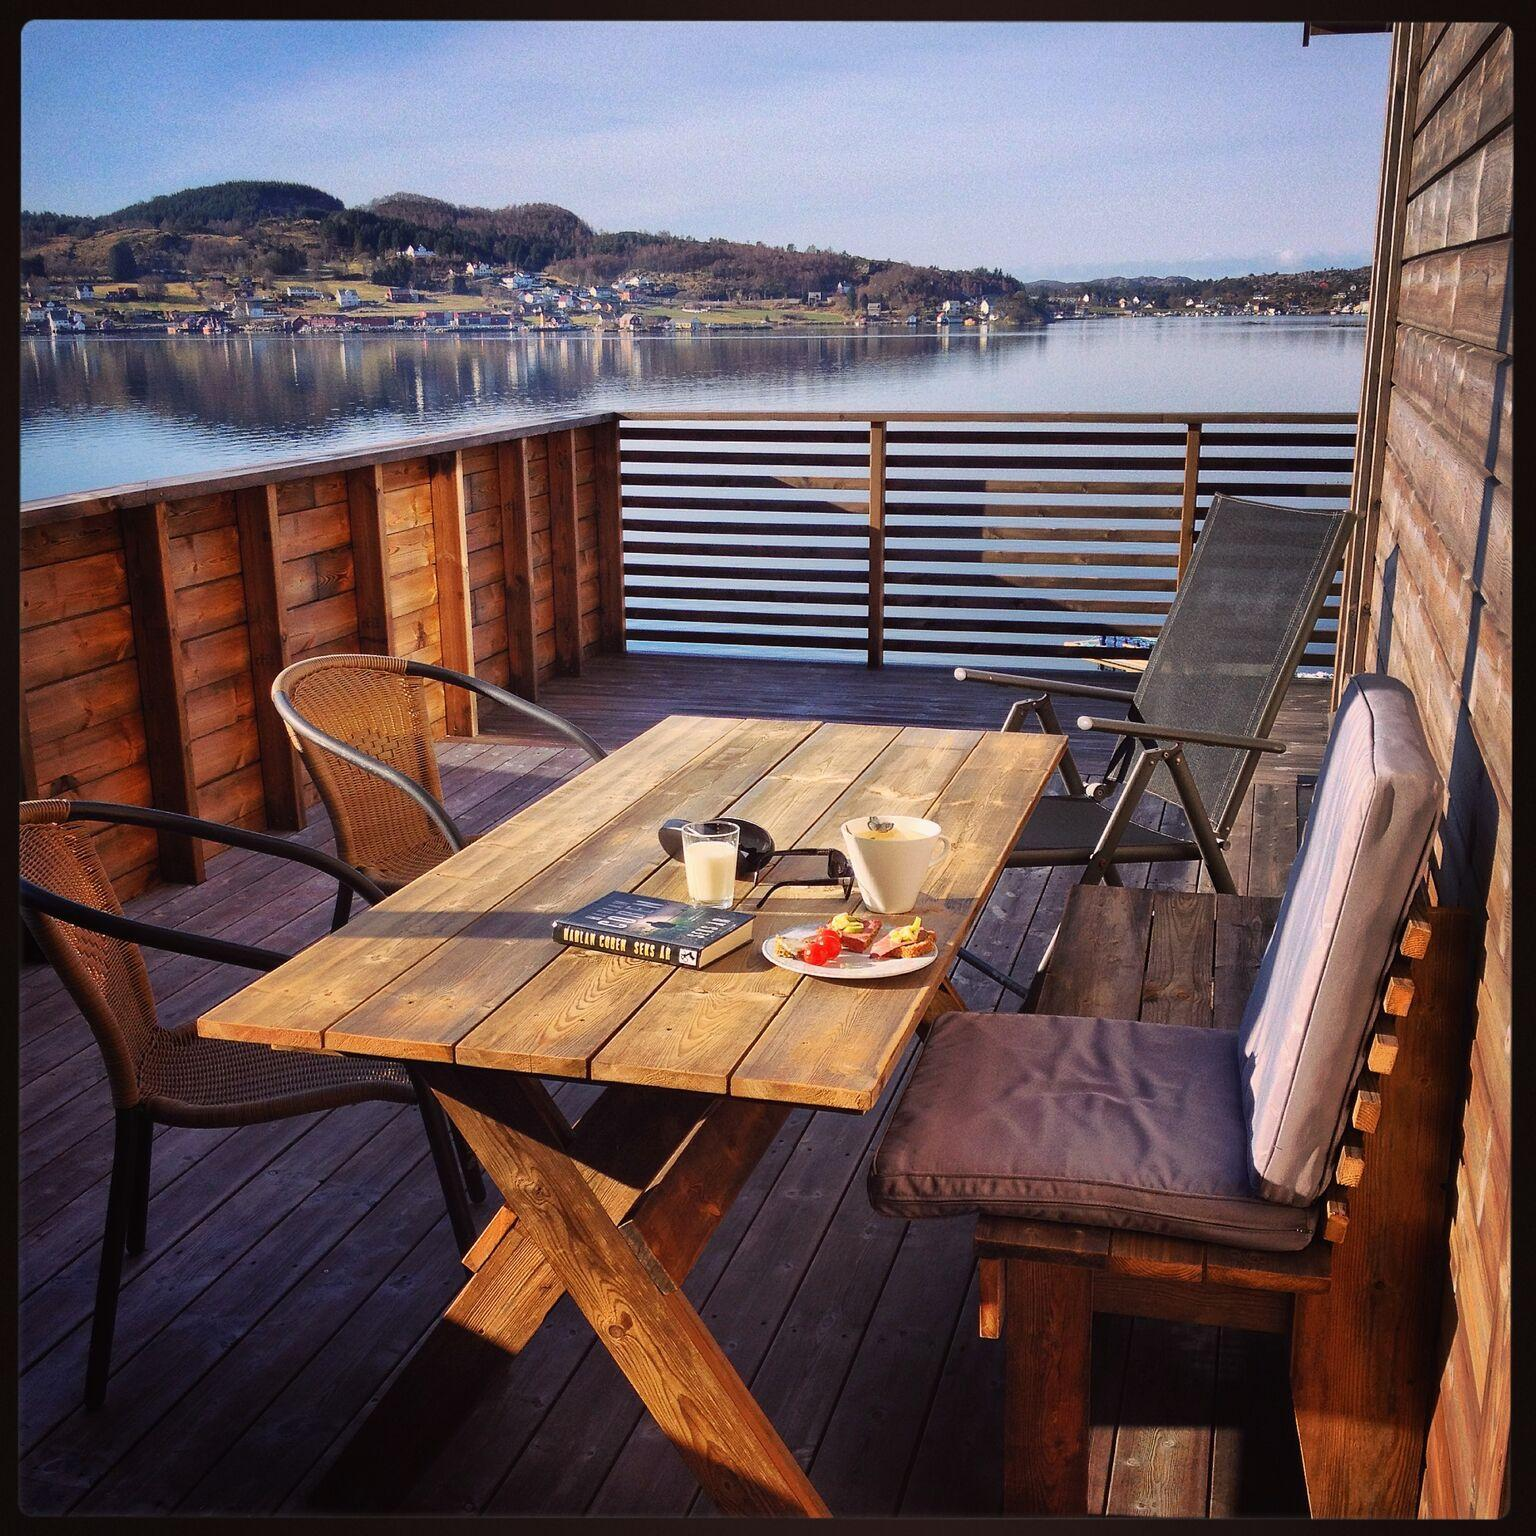 træmøbler kan komplimentere terrassen godt